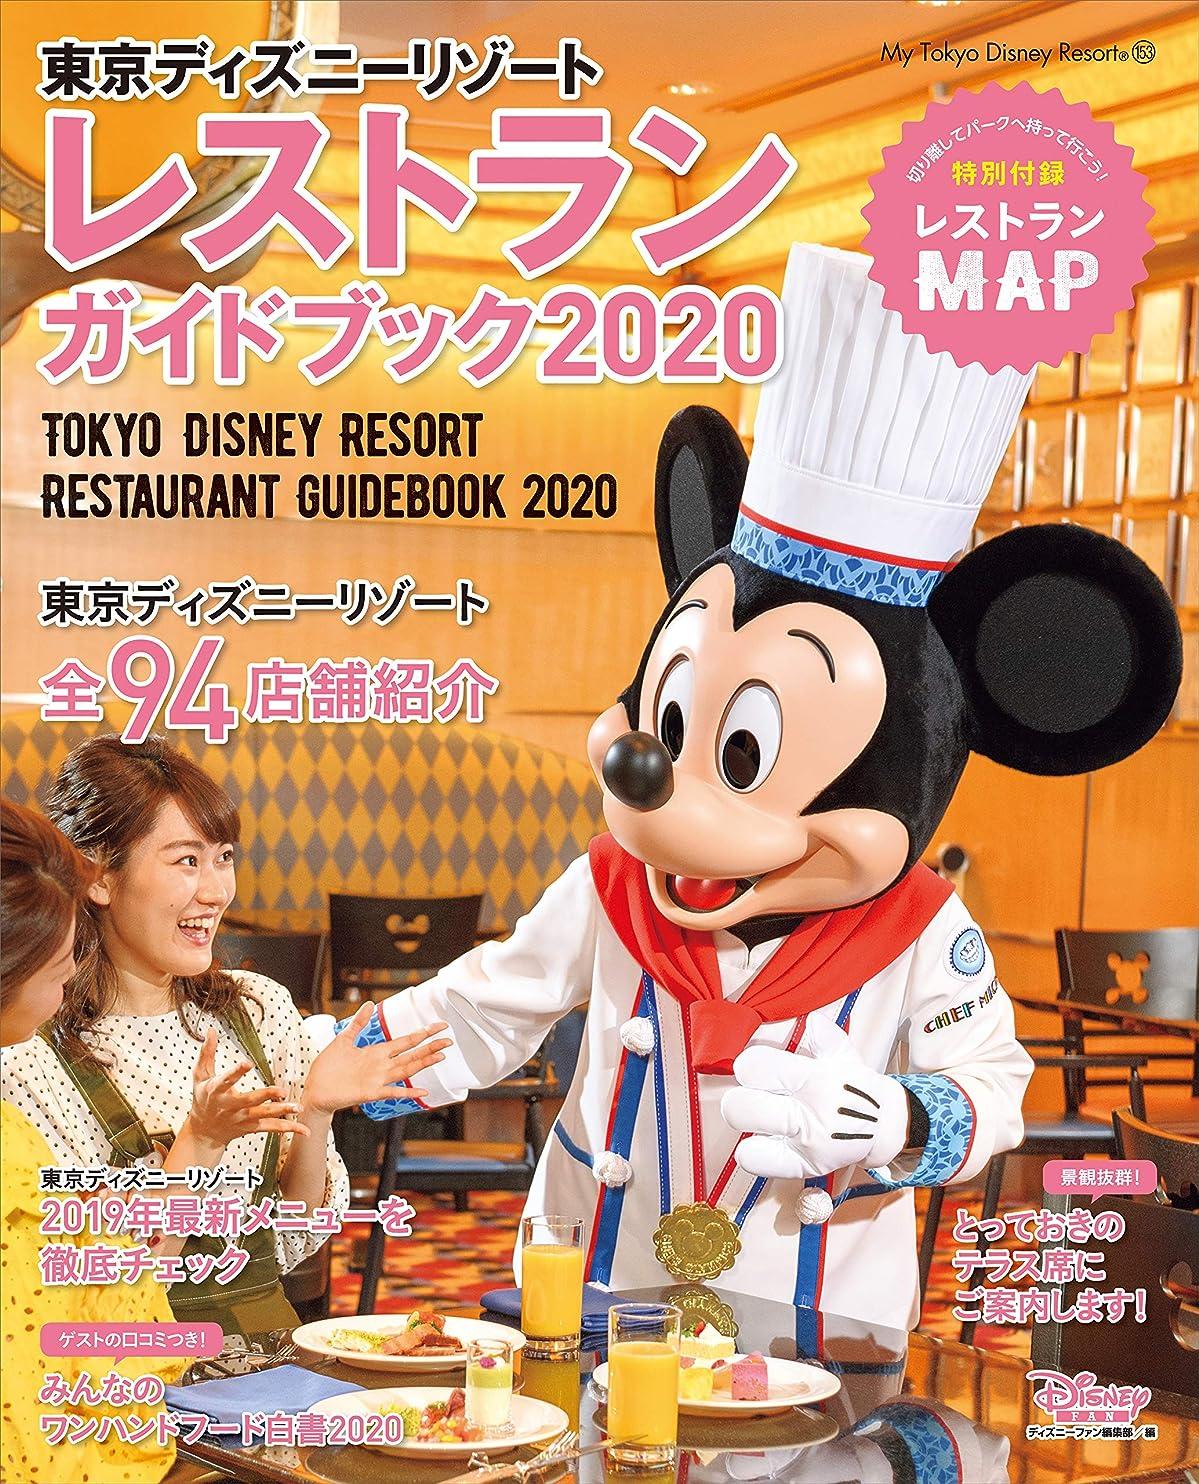 処方する是正モザイク東京ディズニーリゾート レストランガイドブック 2020 (My Tokyo Disney Resort)